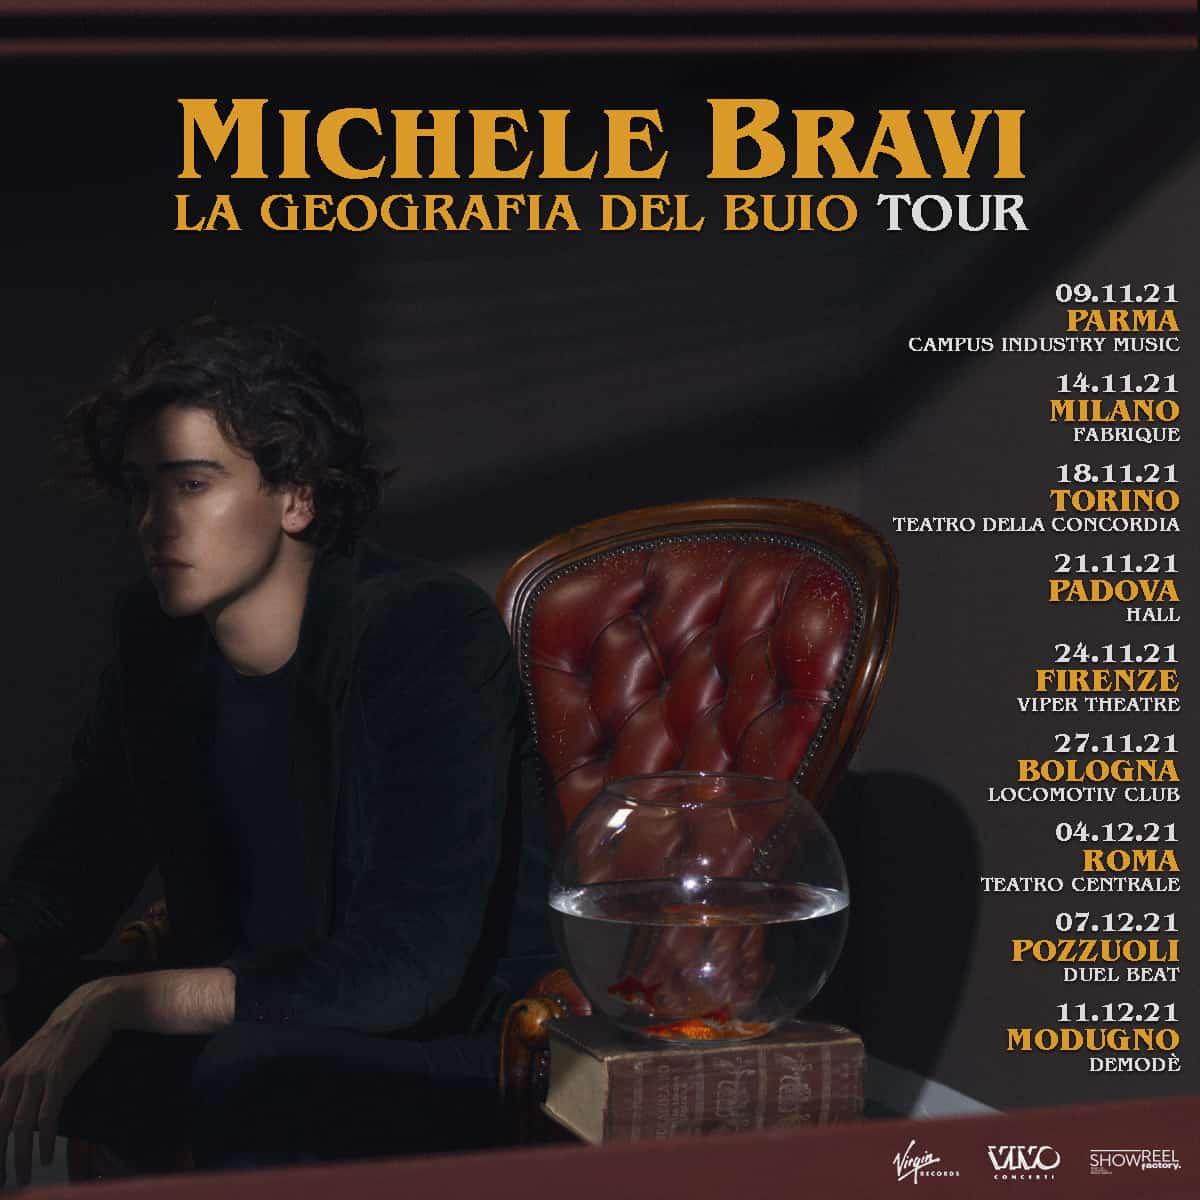 Michele Bravi annuncia il tour La Geografia del buio tour: tutte le date del 2021